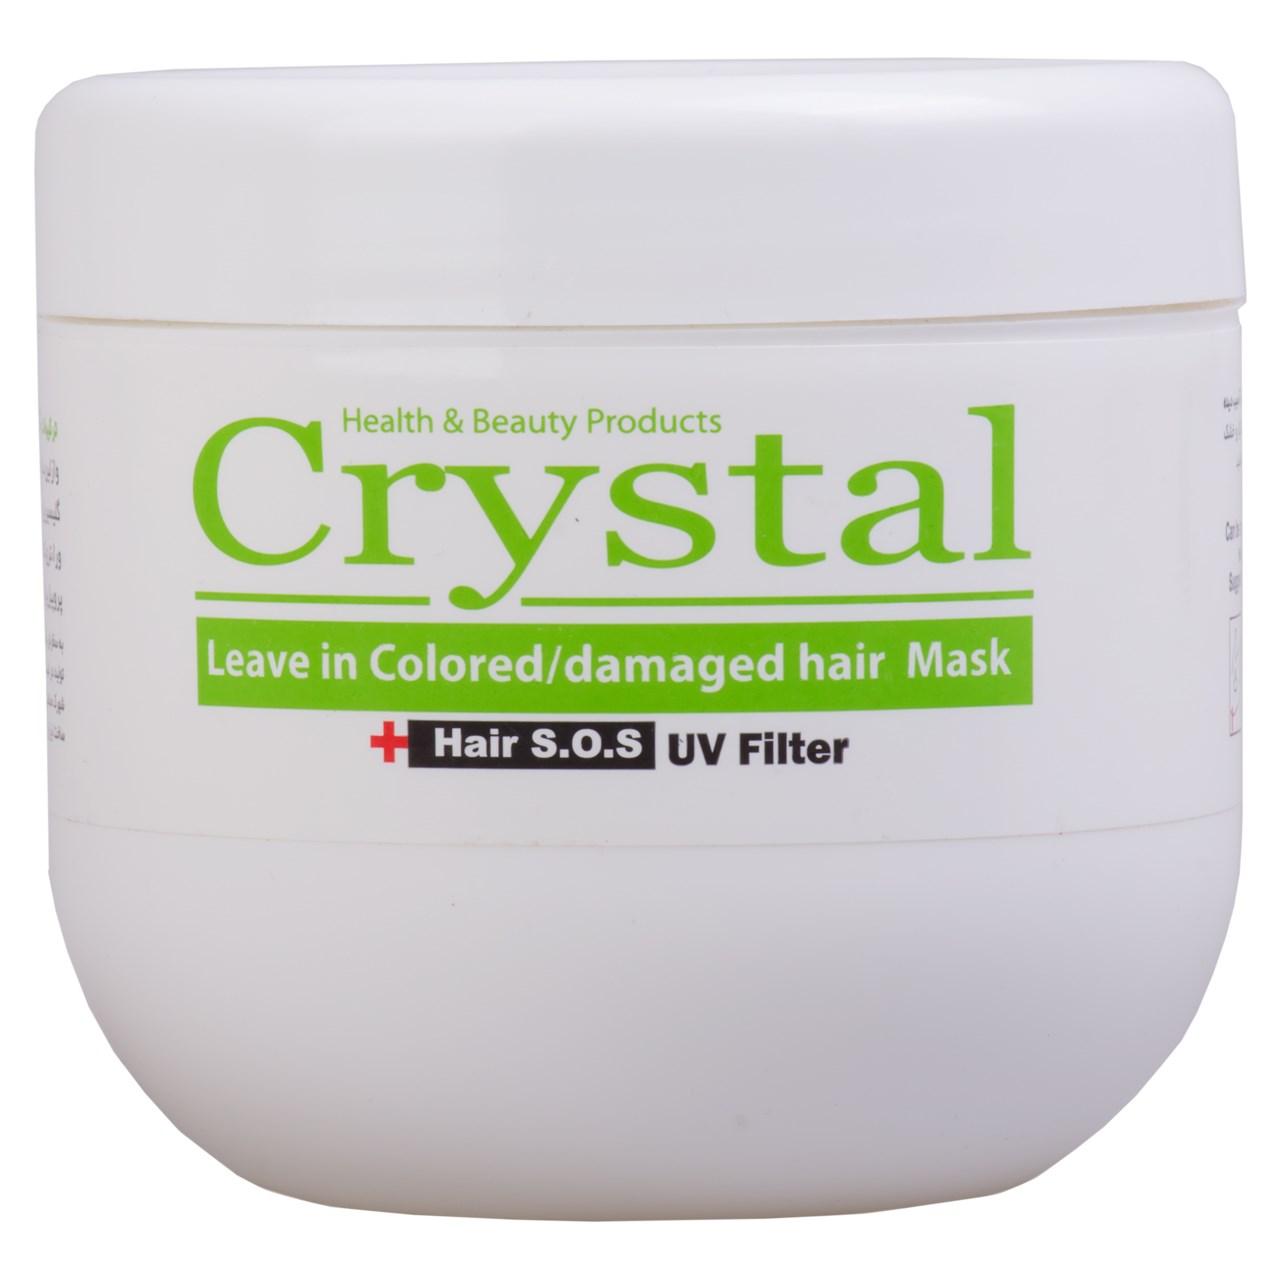 ماسک مو کریستال مدل بدون آبکشی مناسب موهای خشک و آسیب دیده حجم 500 میلی لیتر